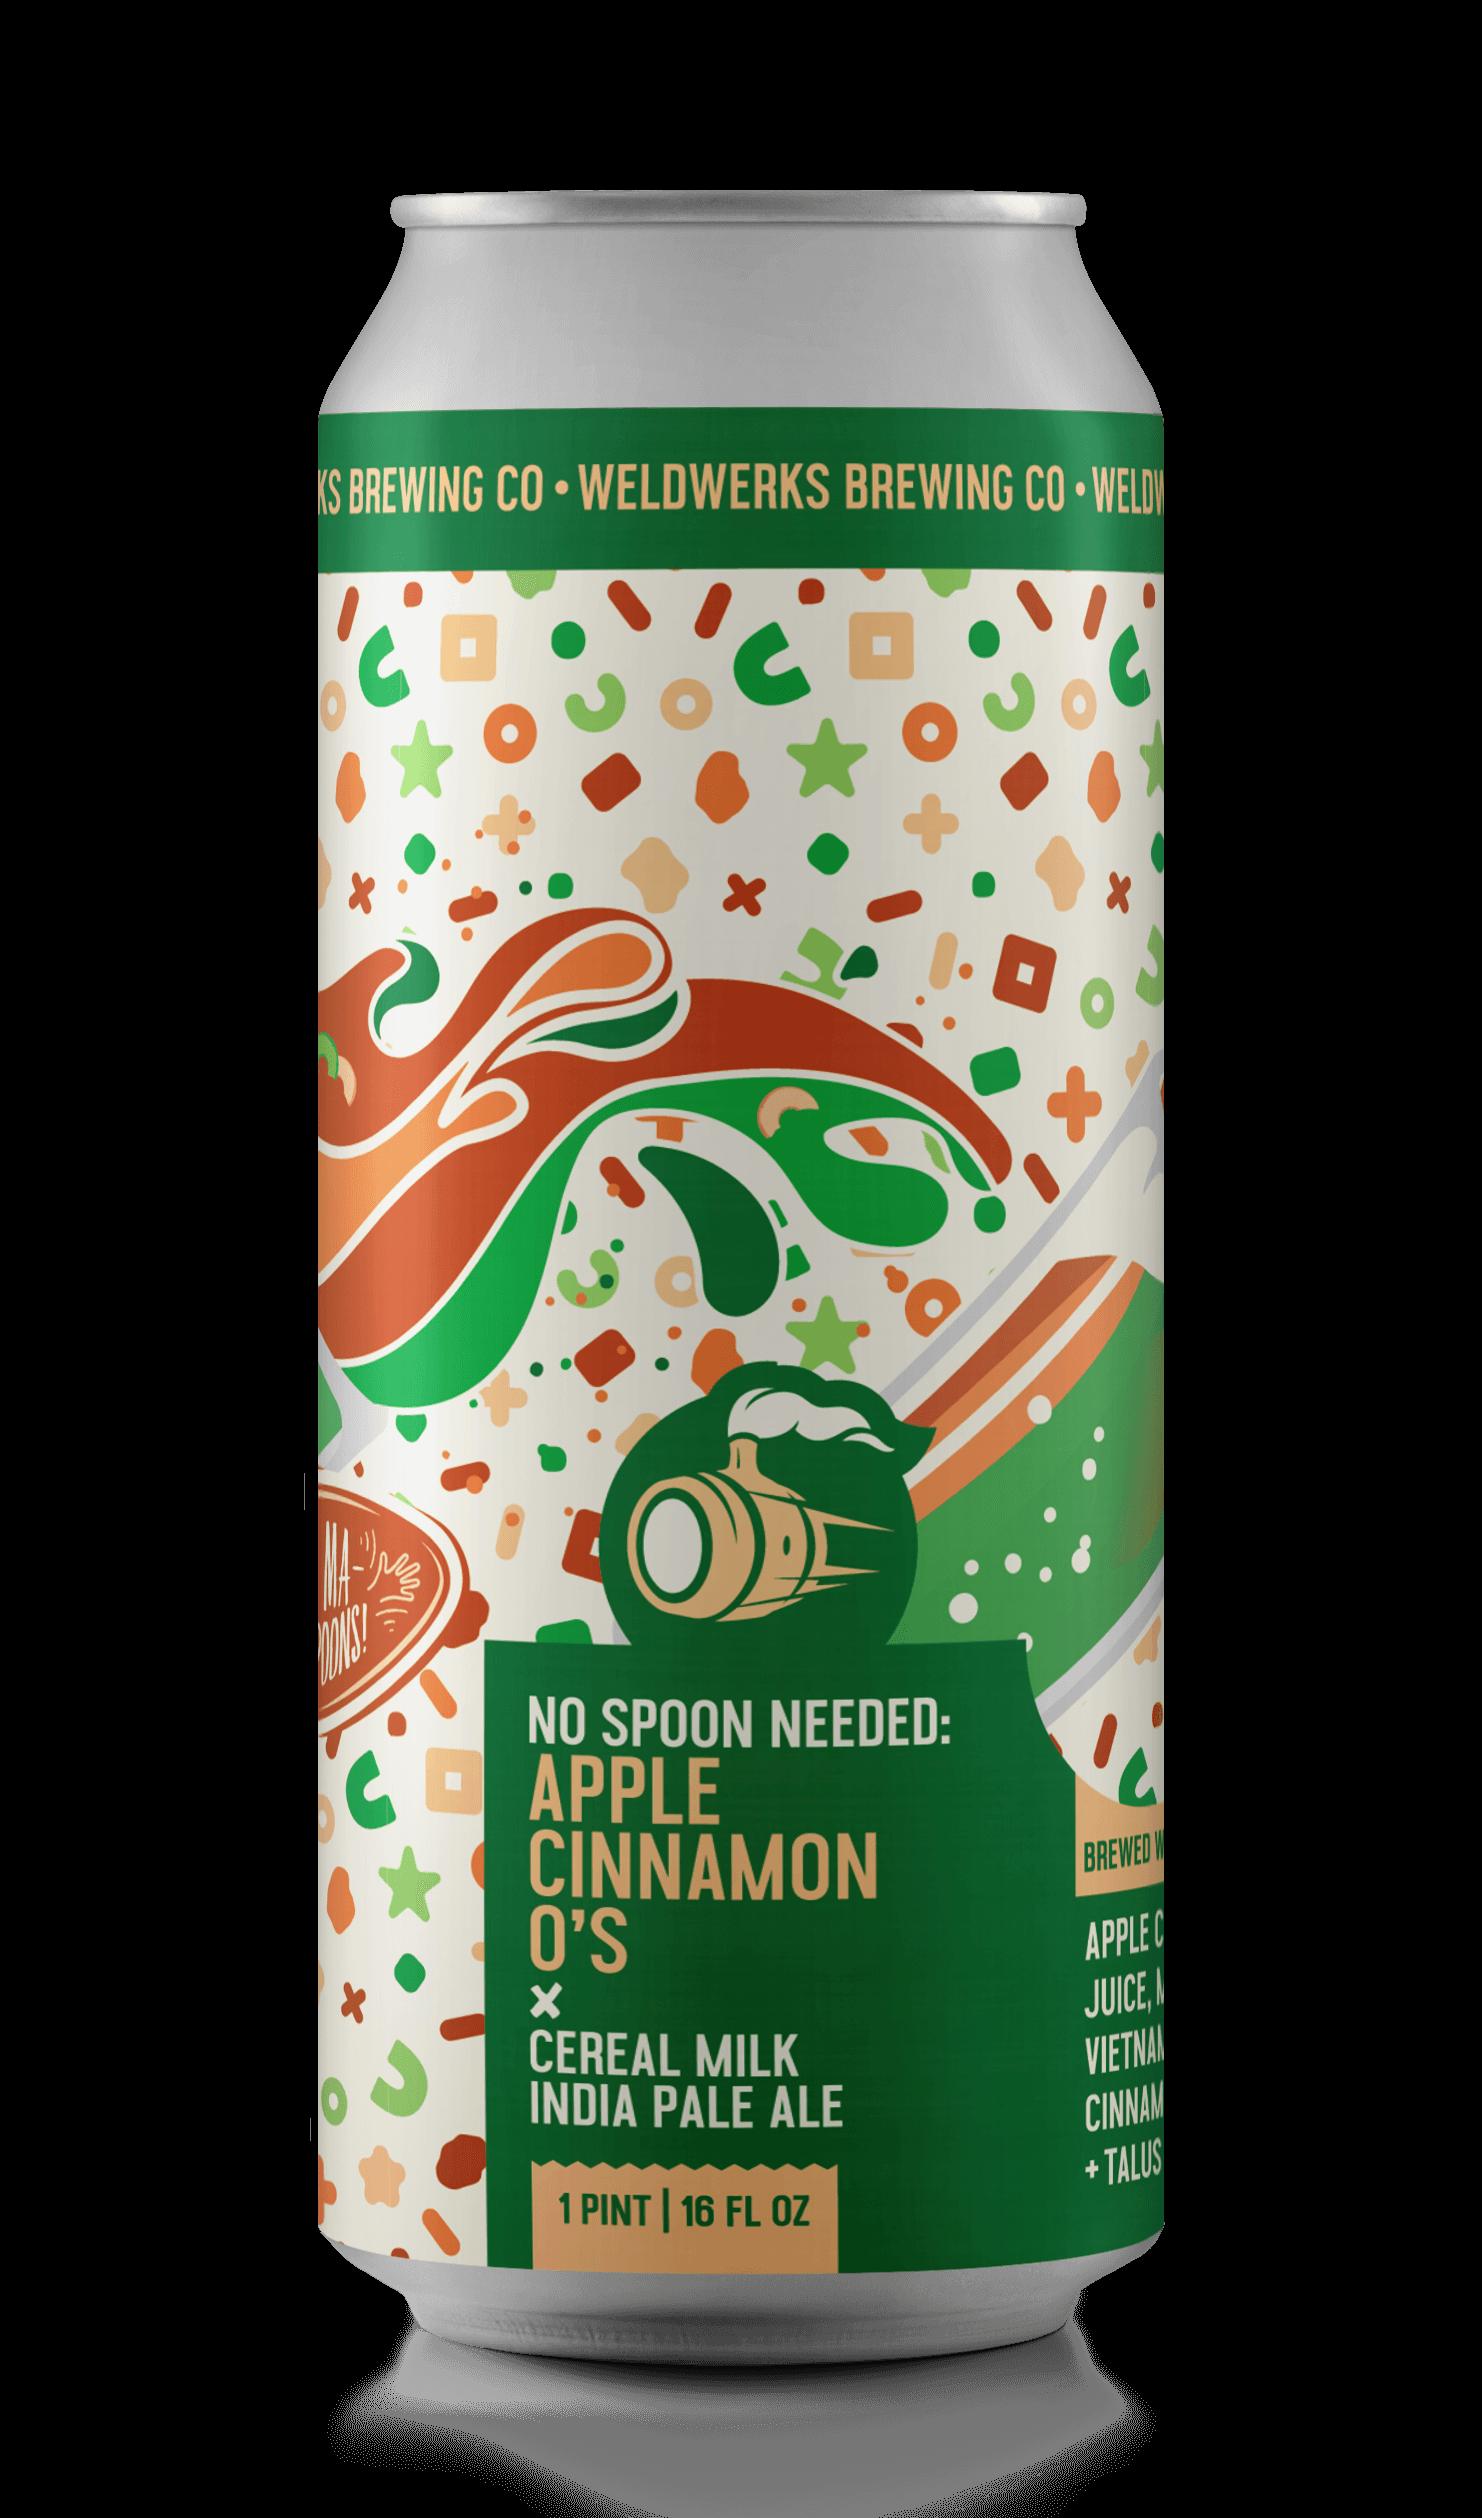 No Spoon Needed: Apple Cinnamon O's